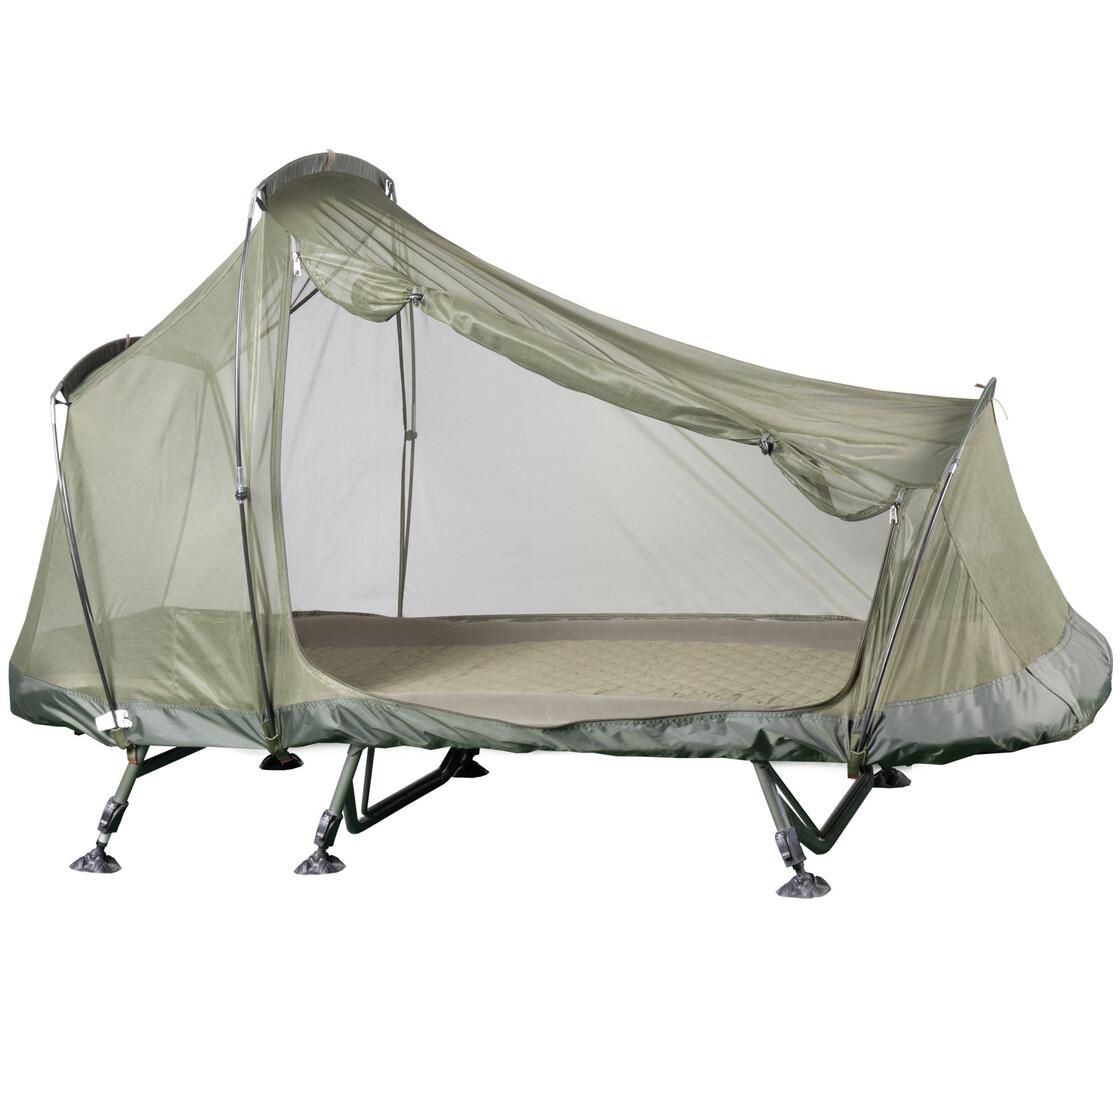 Zelt Für Regen : Behr spezial zelt für liegen Überwurfe karpfenli